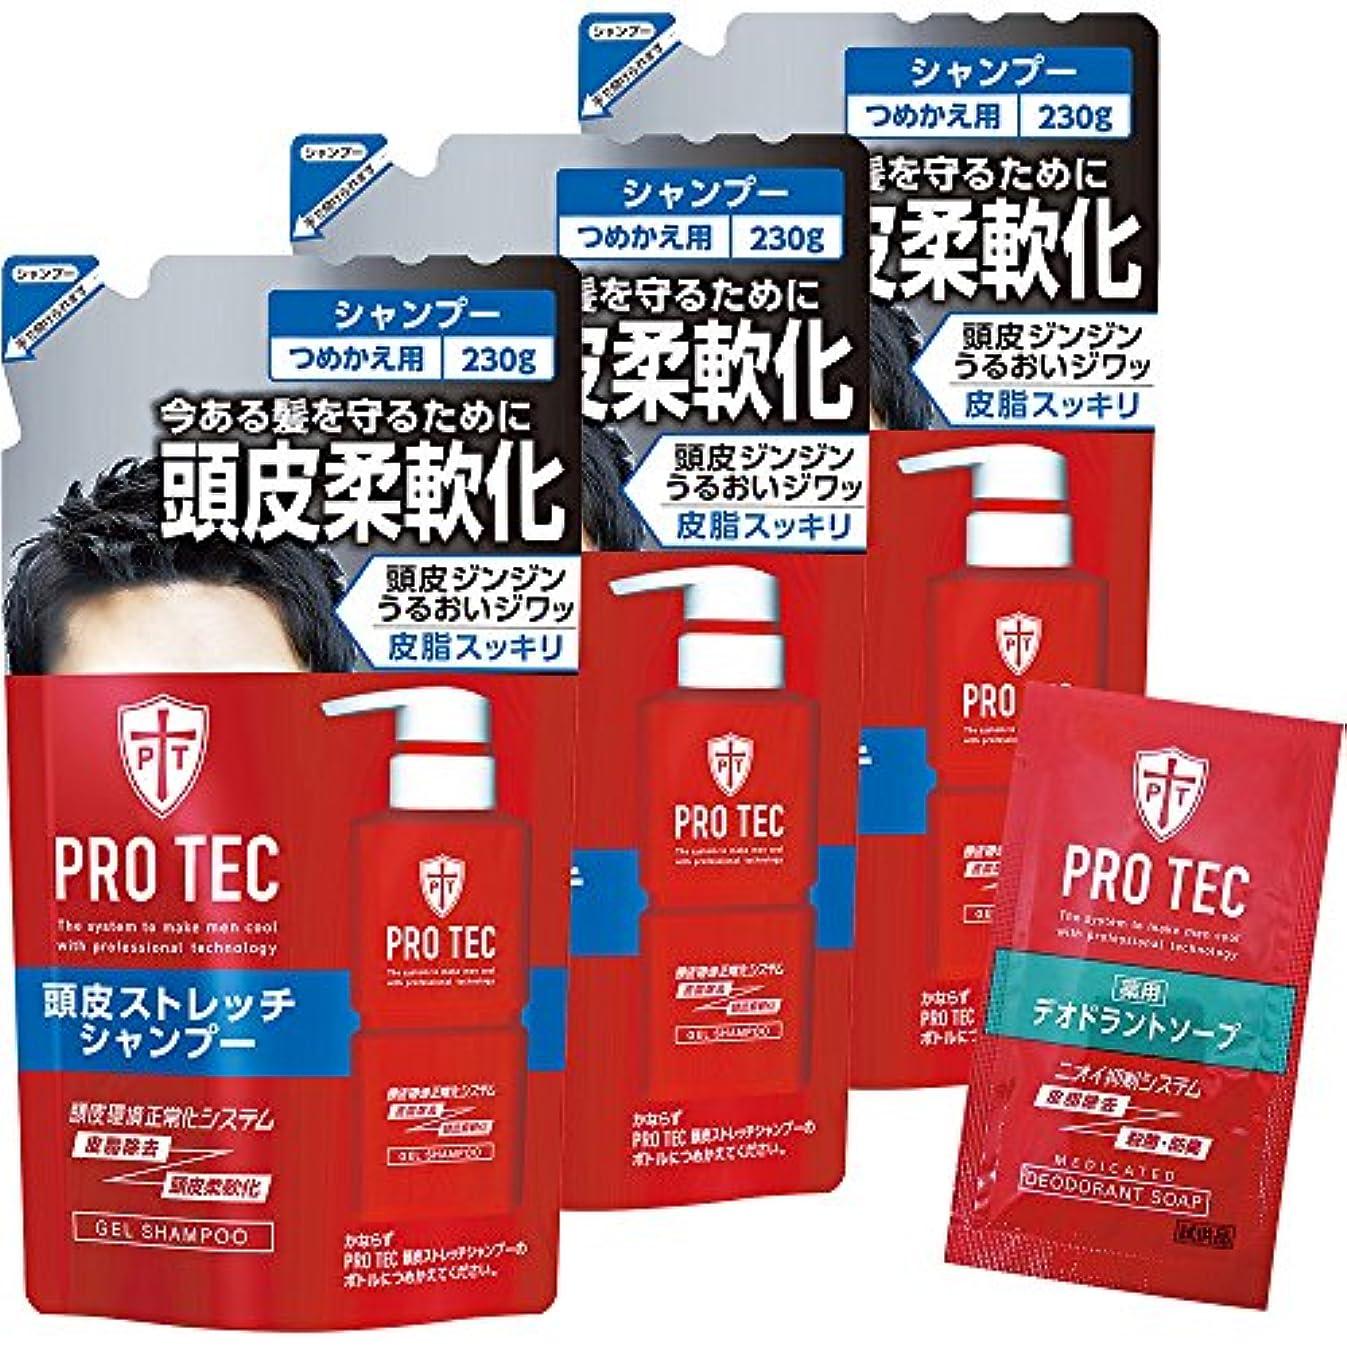 機動フレキシブルバイオレット【Amazon.co.jp限定】PRO TEC(プロテク) 頭皮ストレッチ シャンプー 詰め替え 230g×3個パック+デオドラントソープ1回分付(医薬部外品)